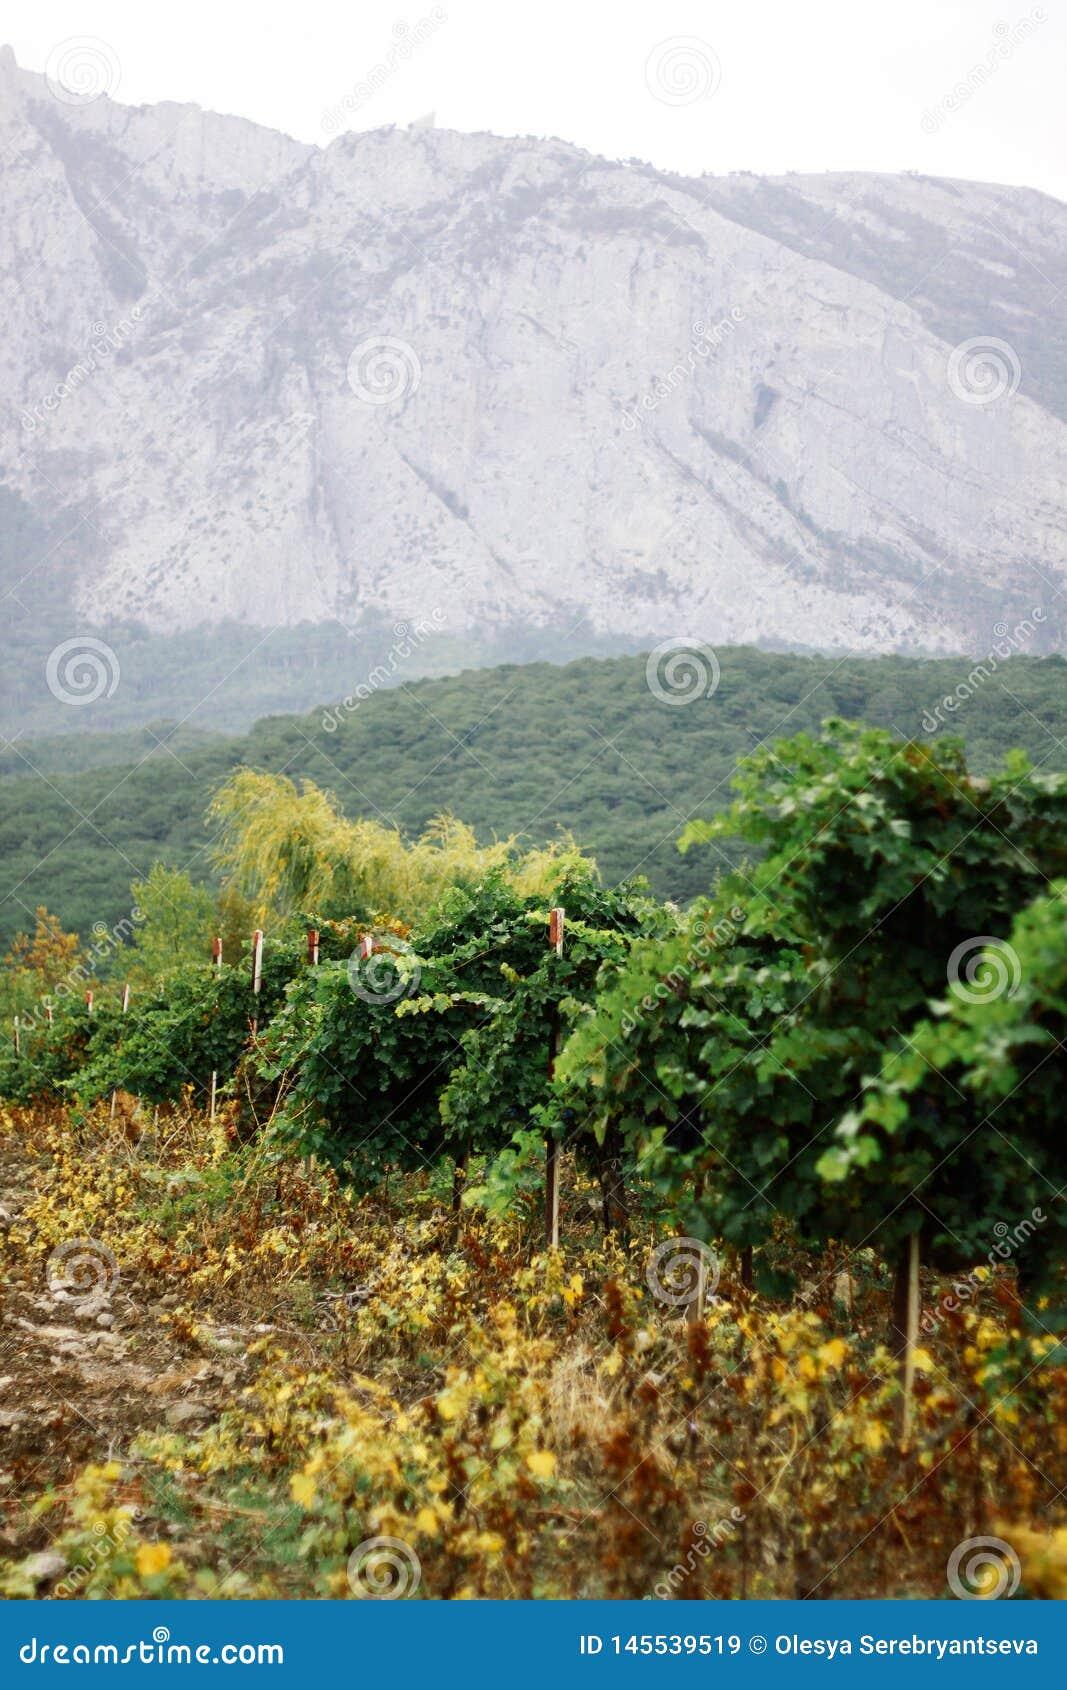 Franschhoek vineyards and highlands of Crimea